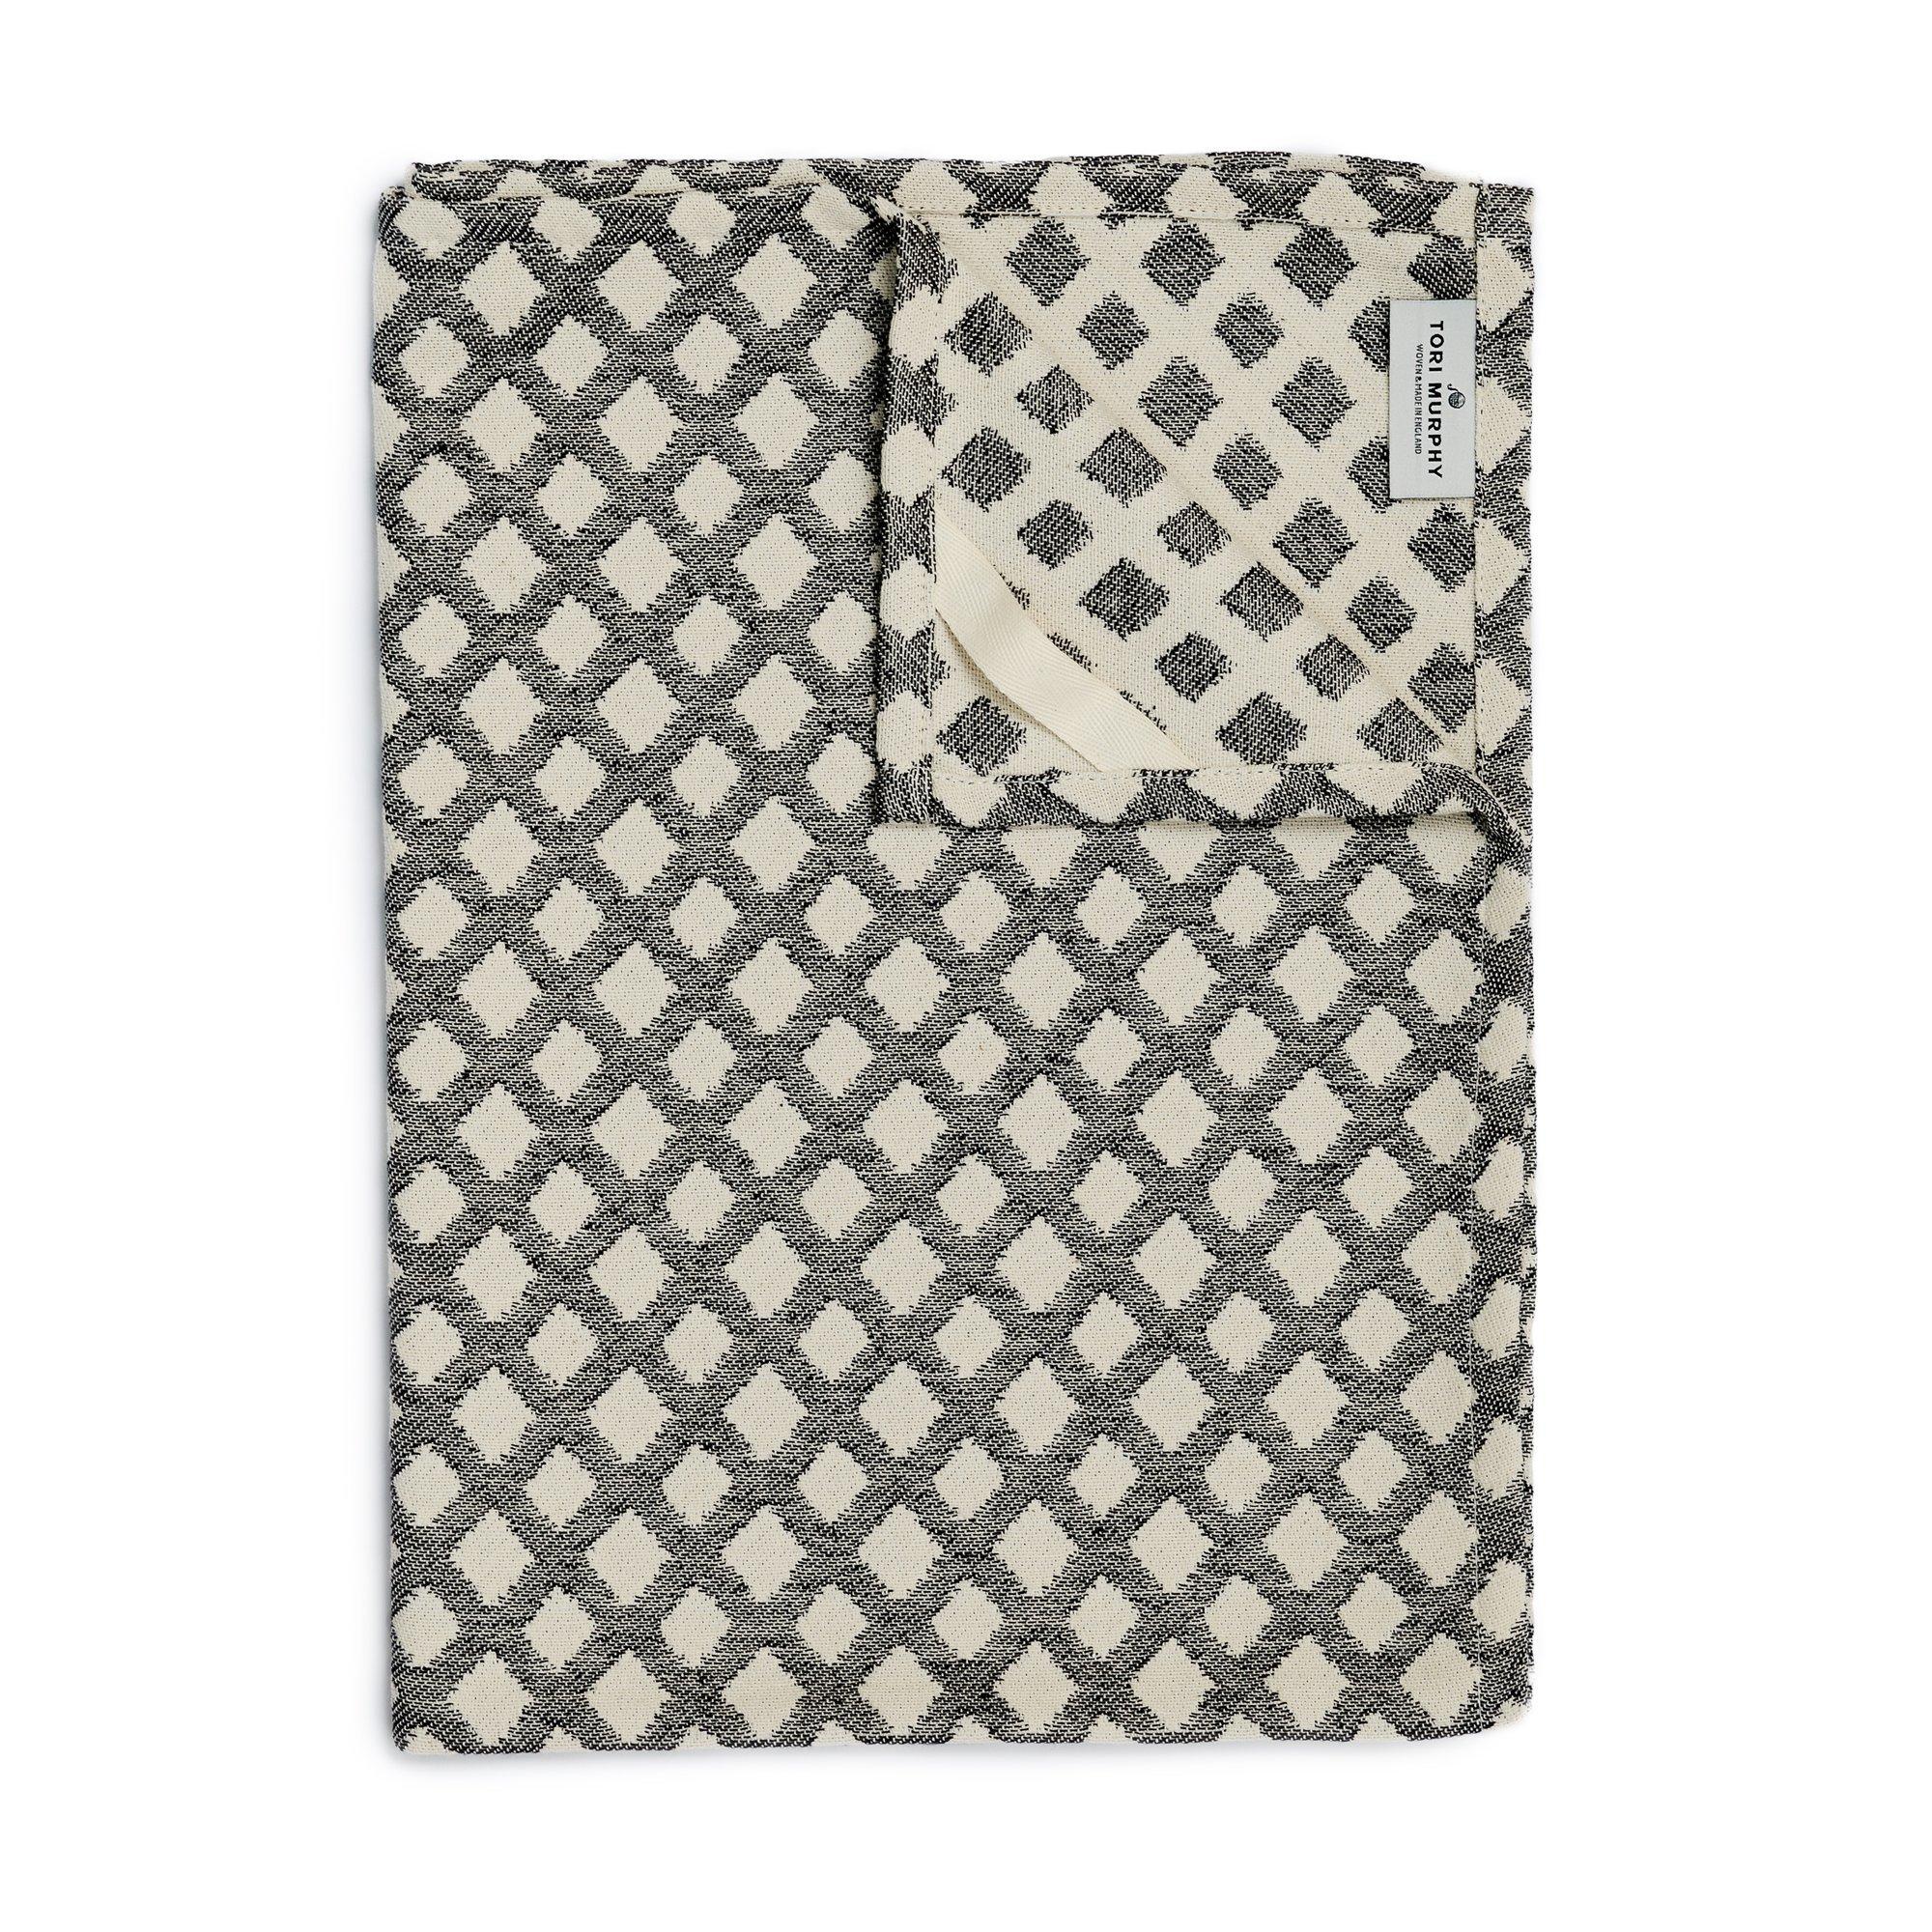 Bridal Shoes Harvey Nichols: Tori Murphy Cadogan Check Tea Towel Black